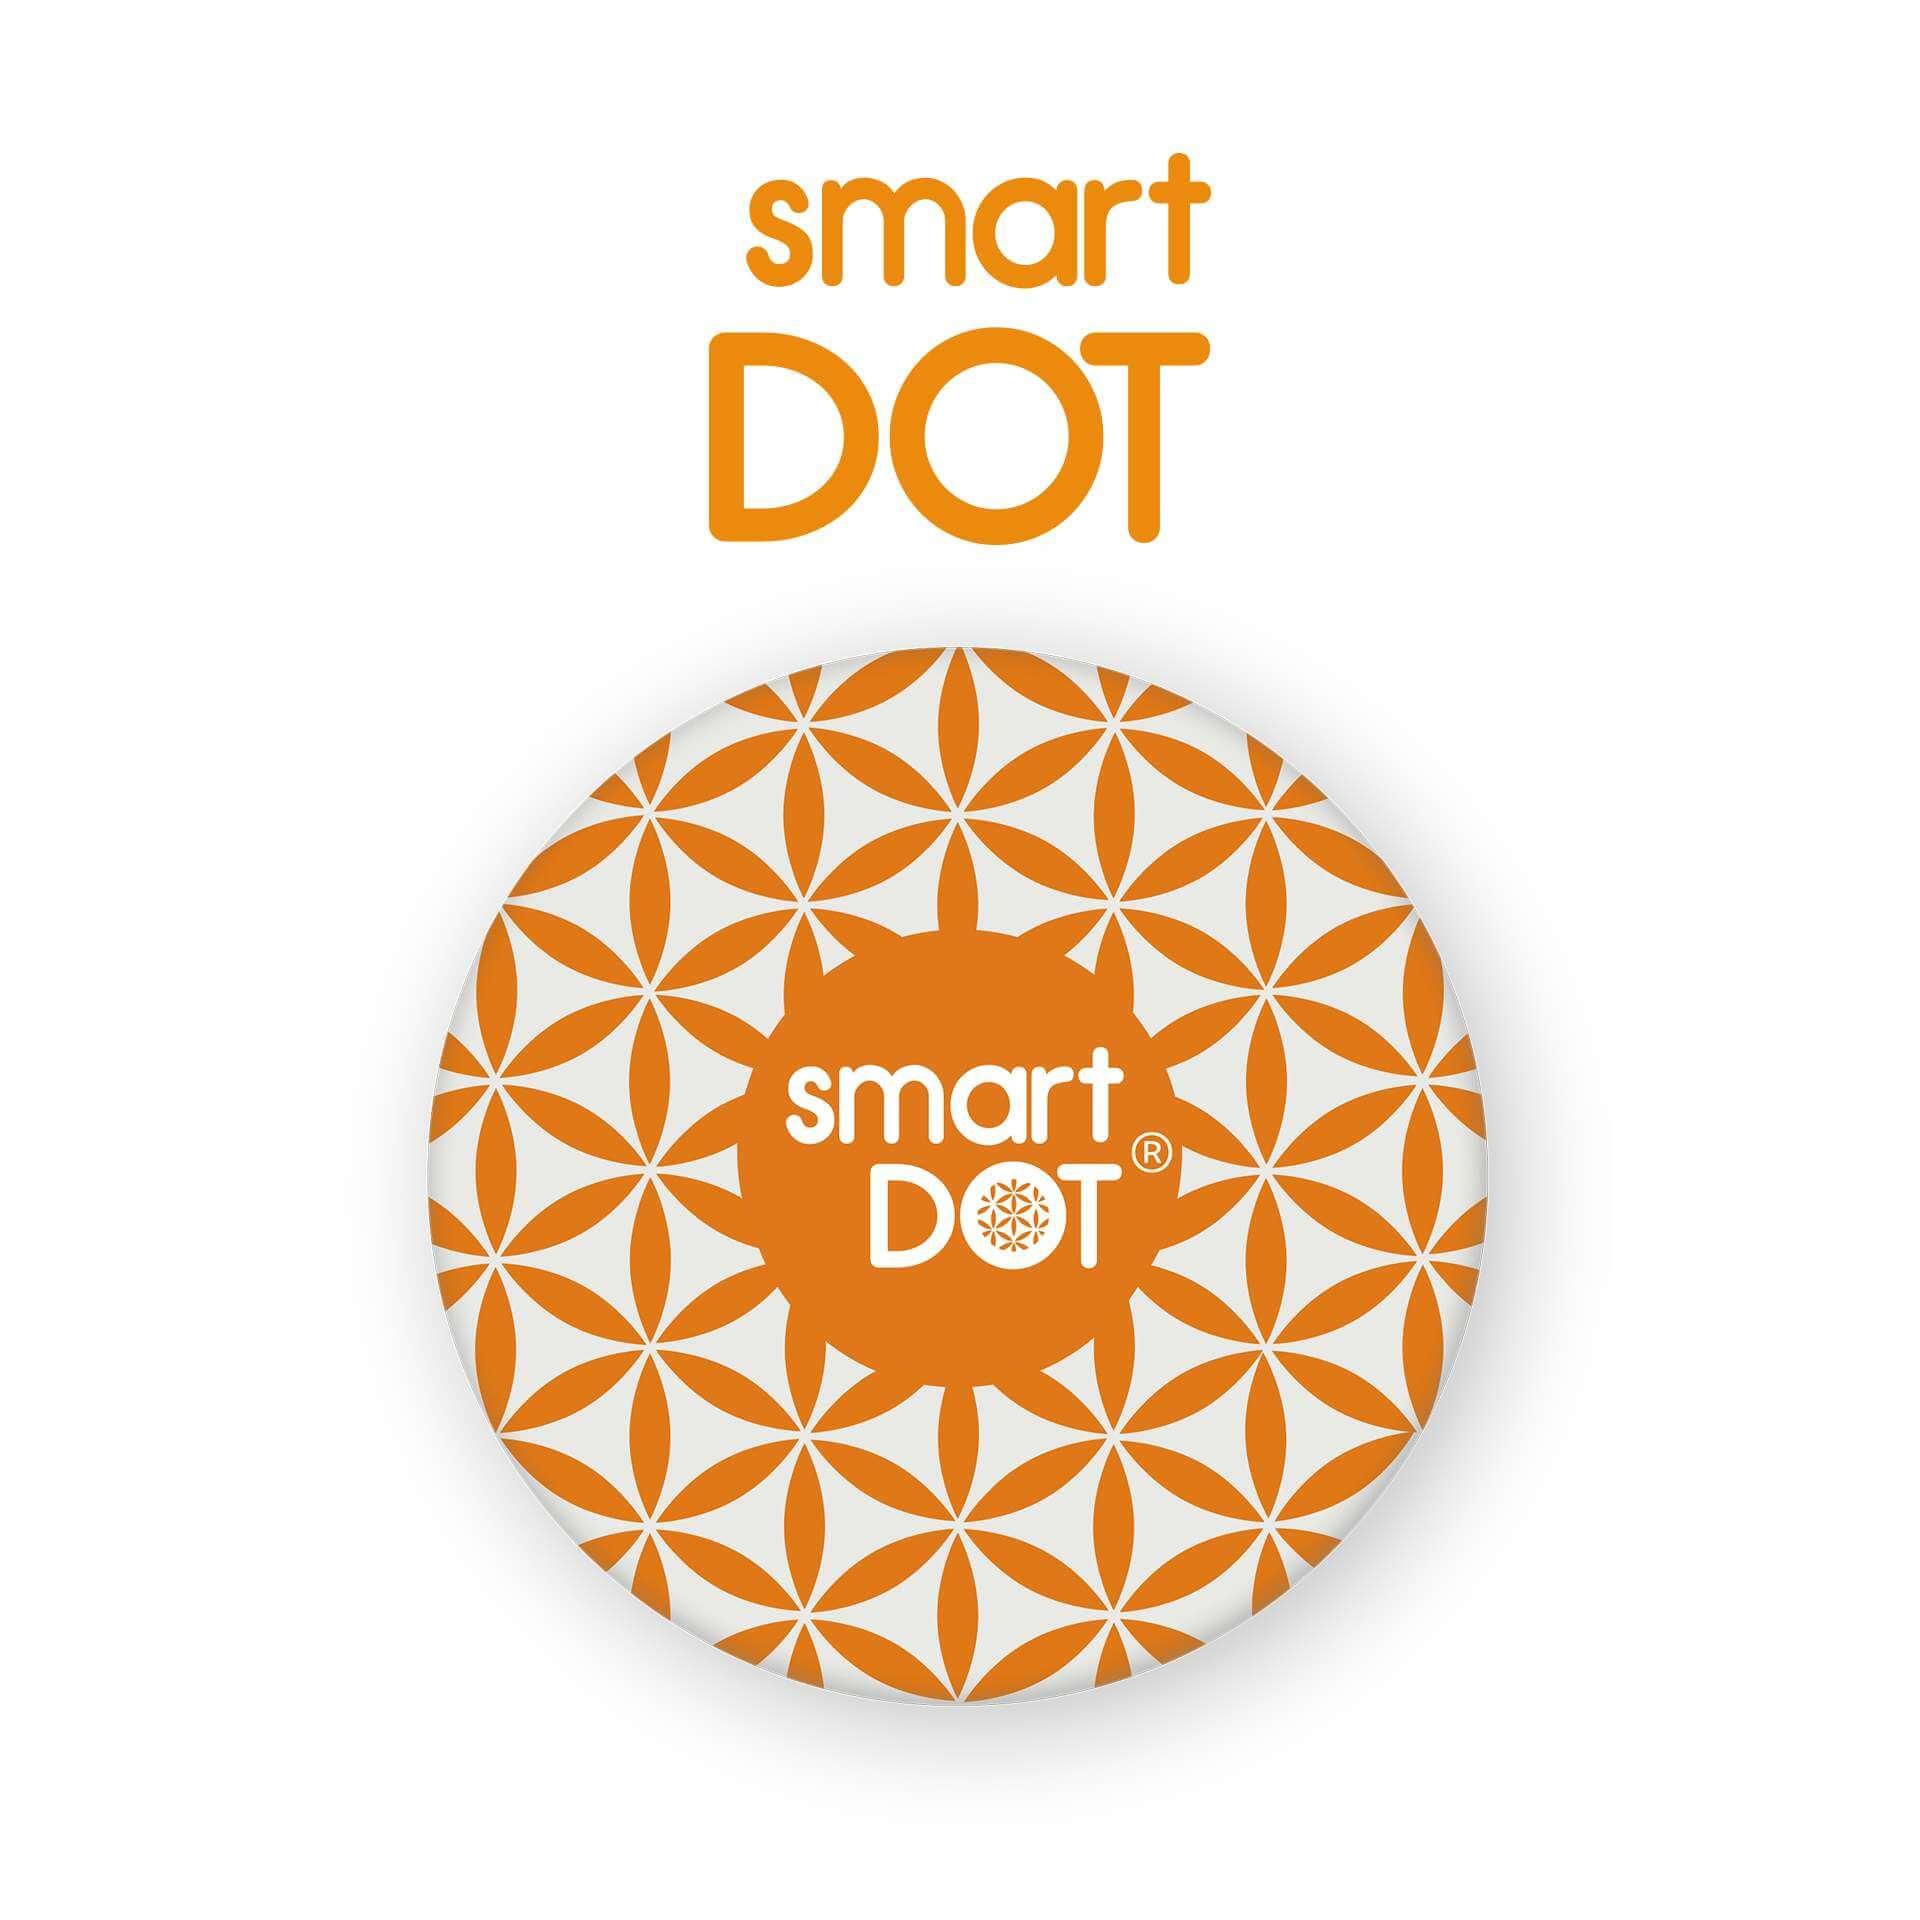 Le logo smartDOT